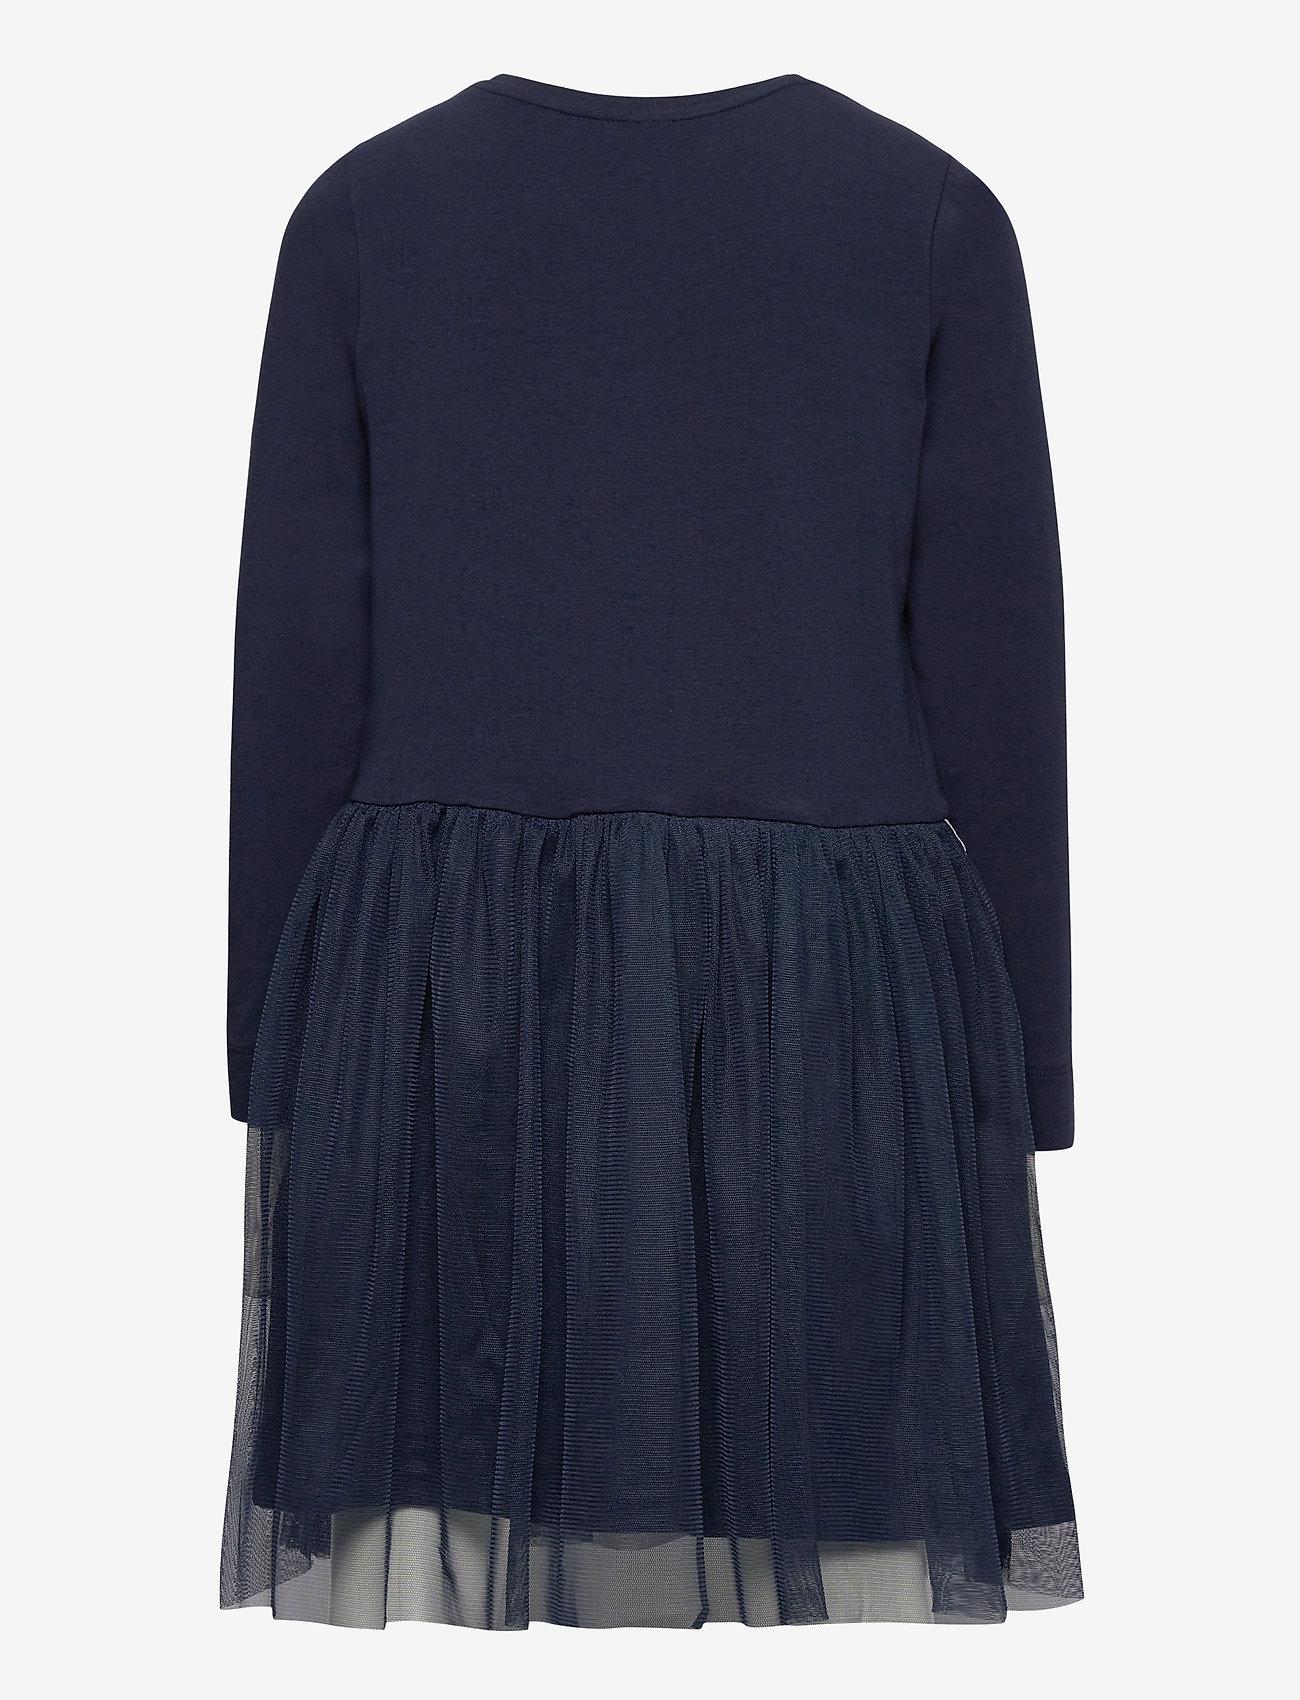 Hummel - hmlMAE DRESS L/S - dresses - black iris - 1